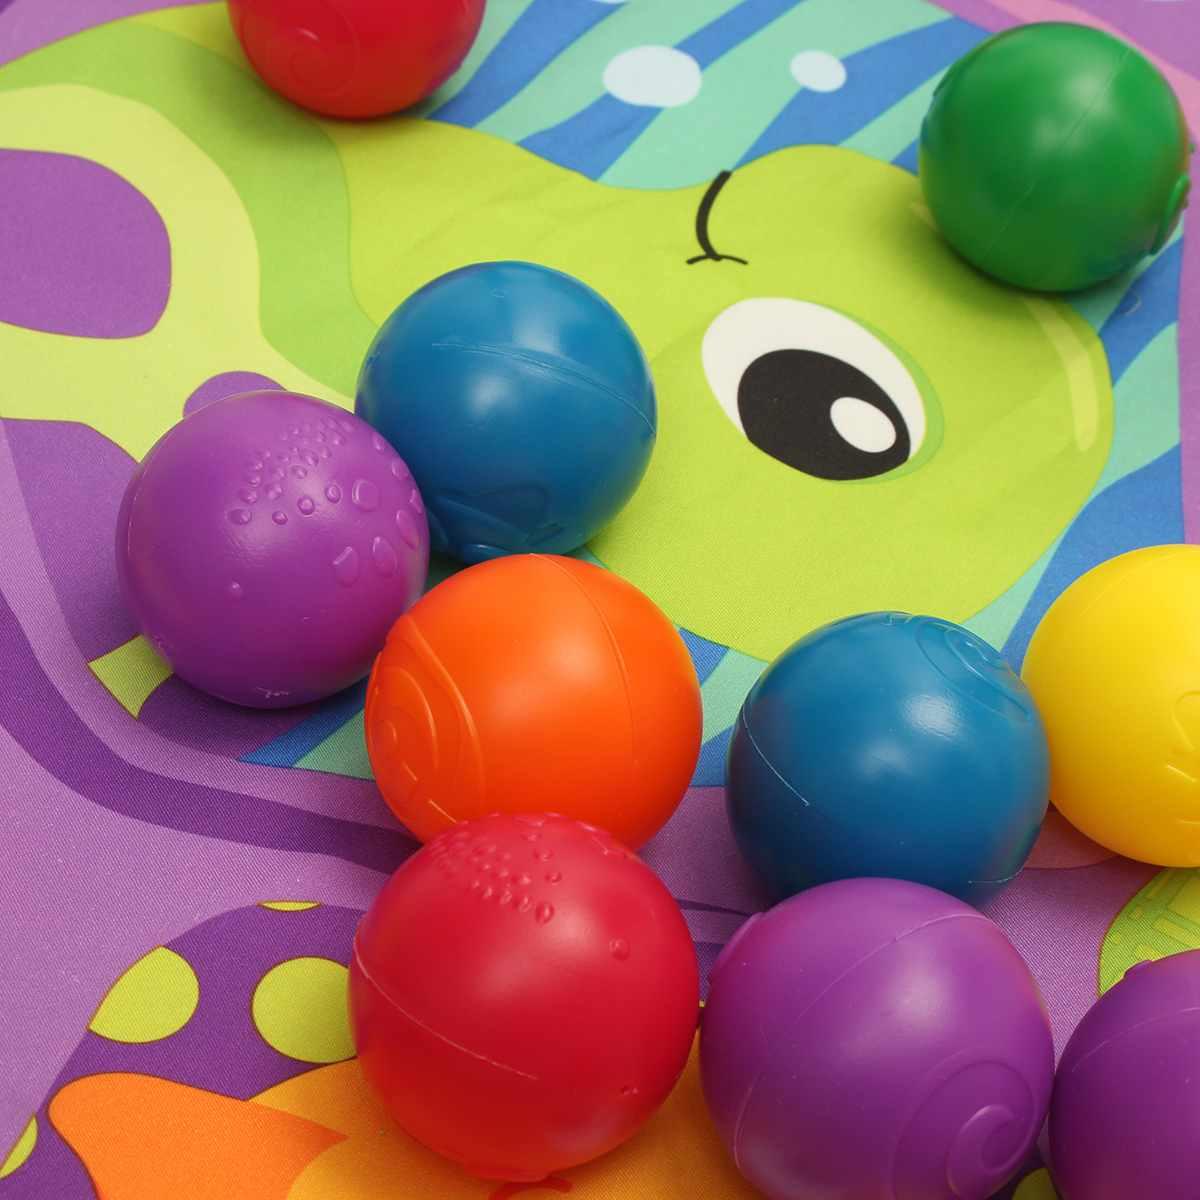 Turtle Baby Infant Play Mat Toddler Game Blanket Crawl Pad Game Mat